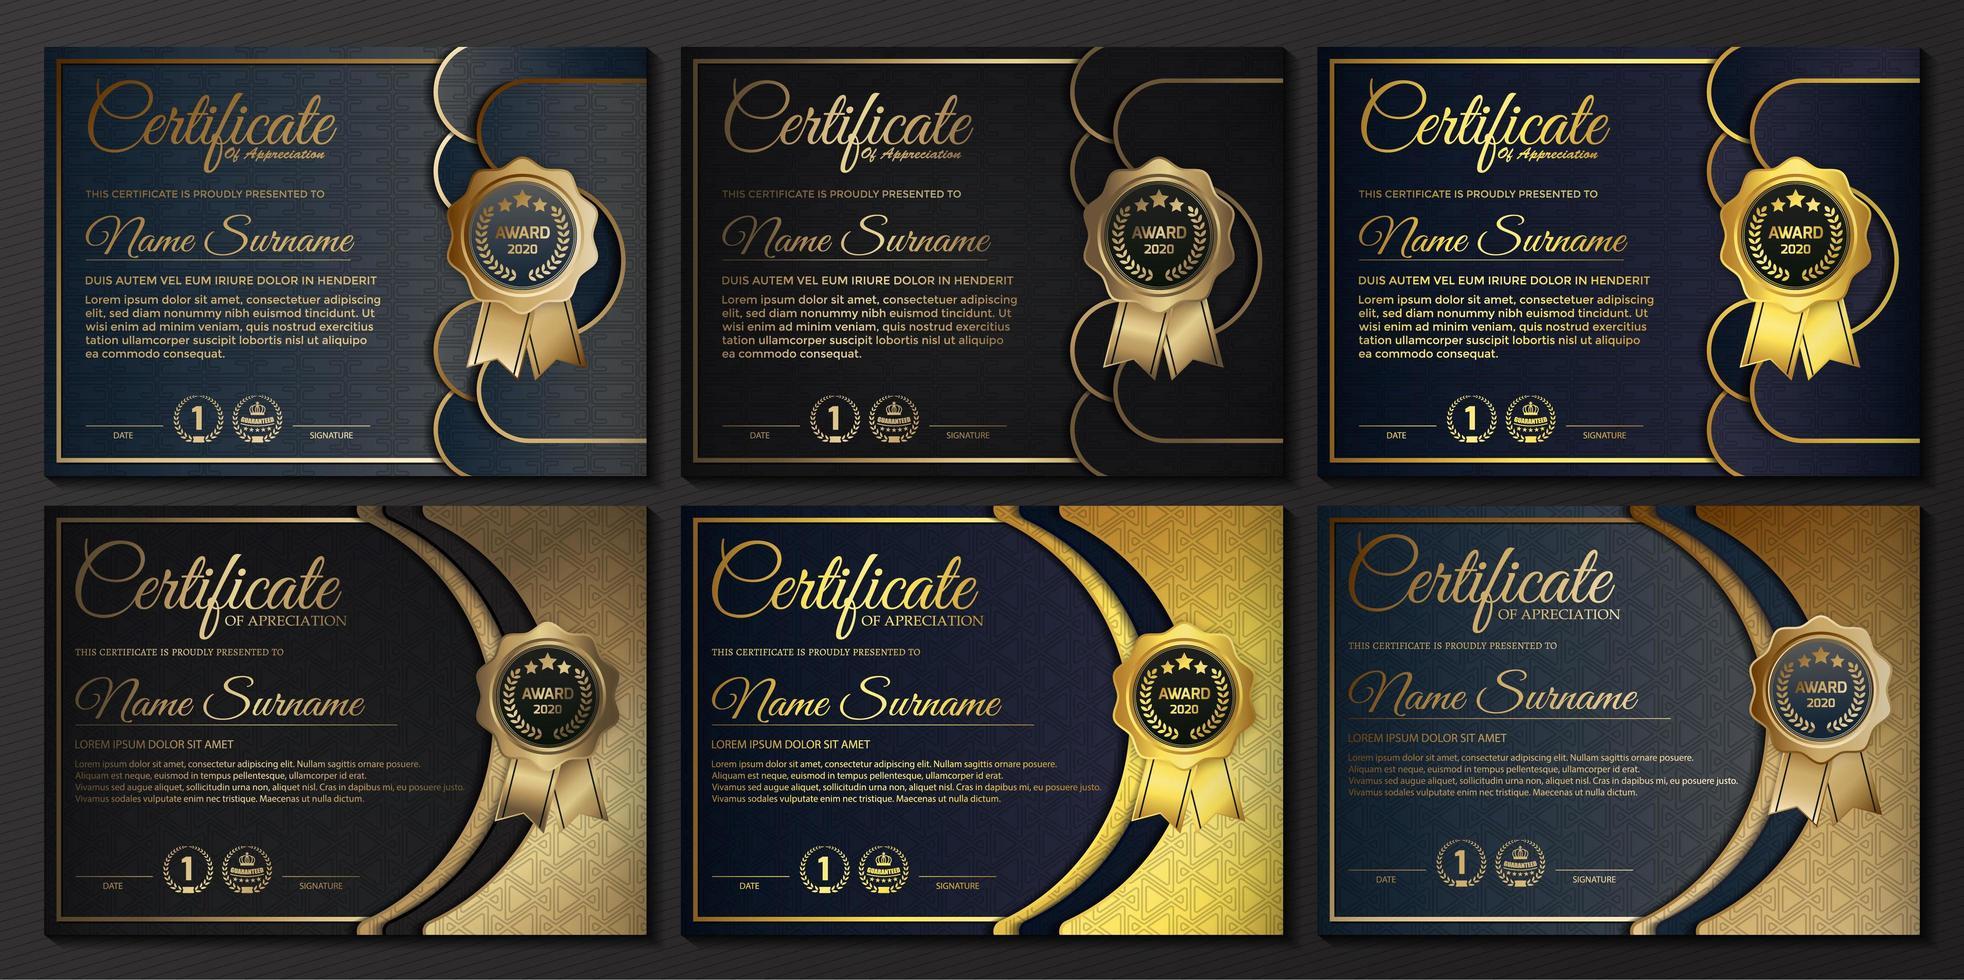 lidmaatschapscertificaat beste award diploma set. vector